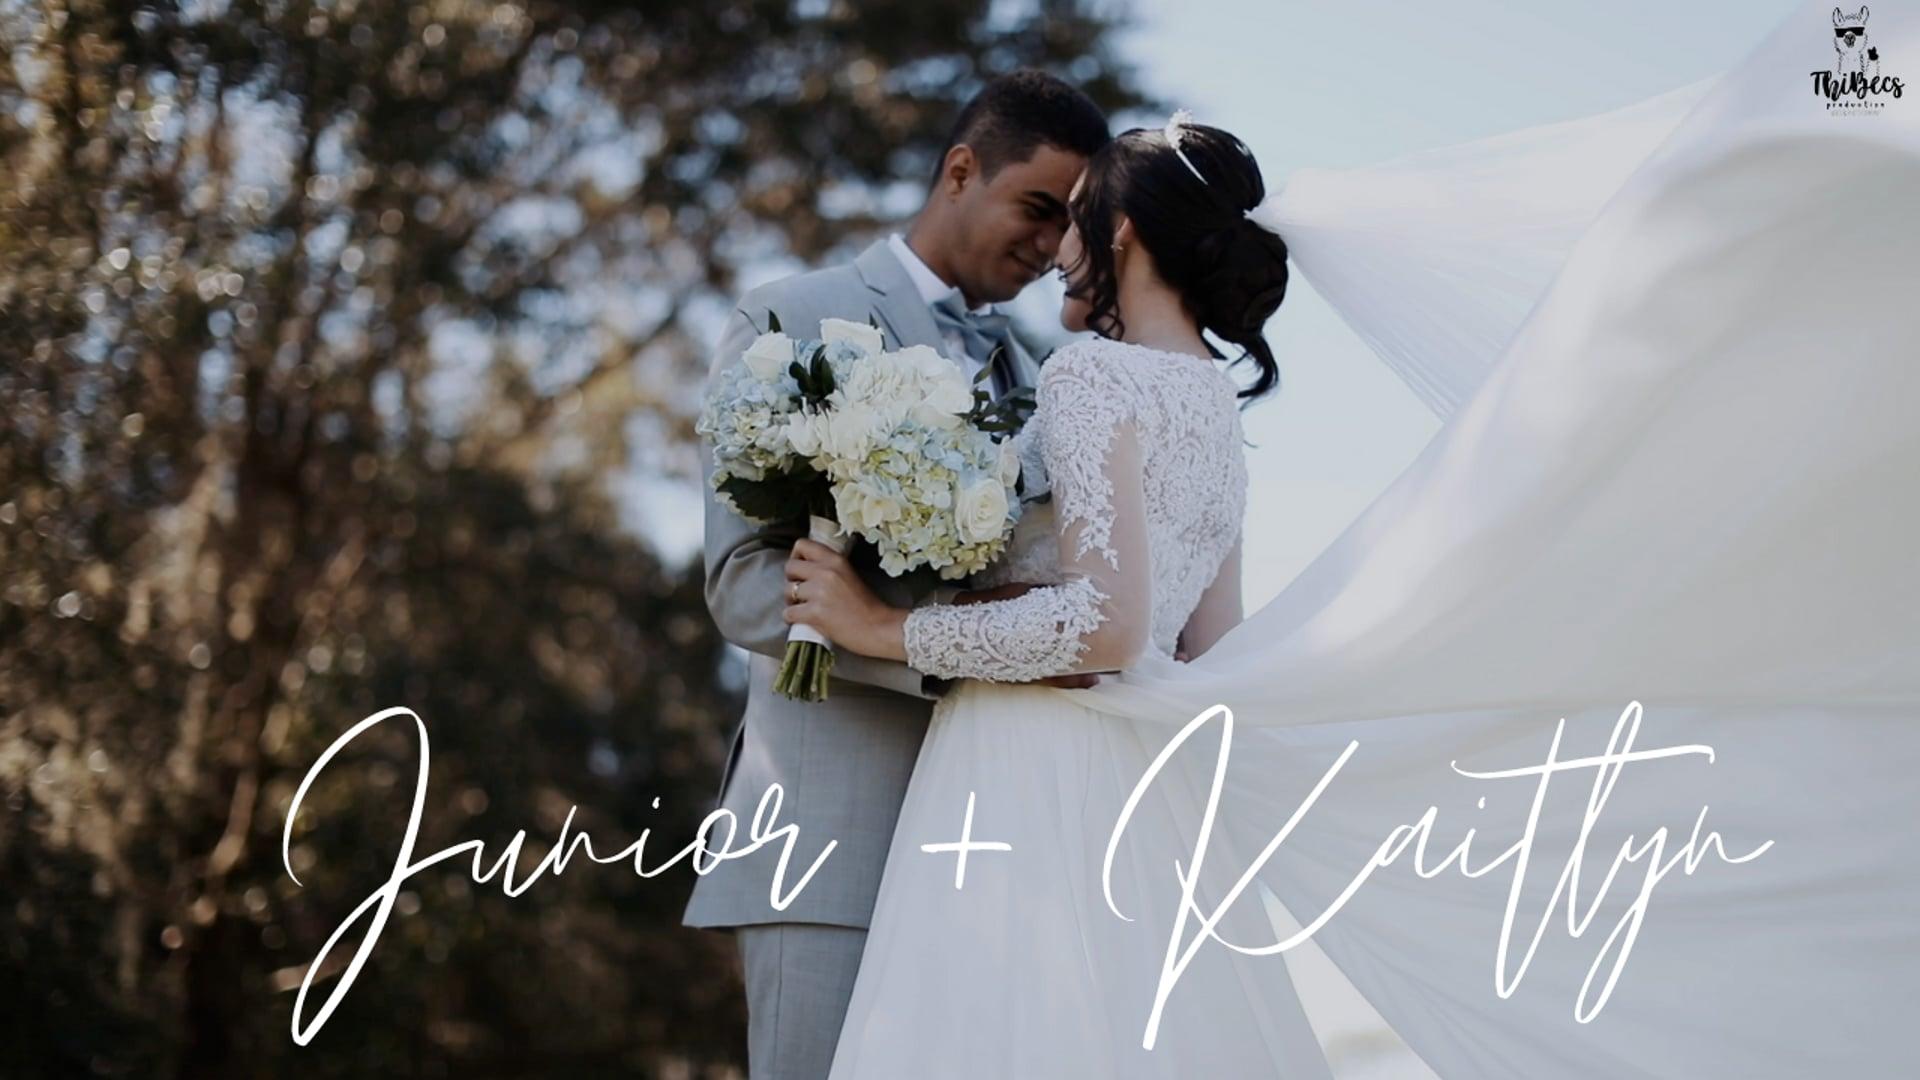 Junior + Kaitlyn | Orlando, FL | Wedding Highlight Video